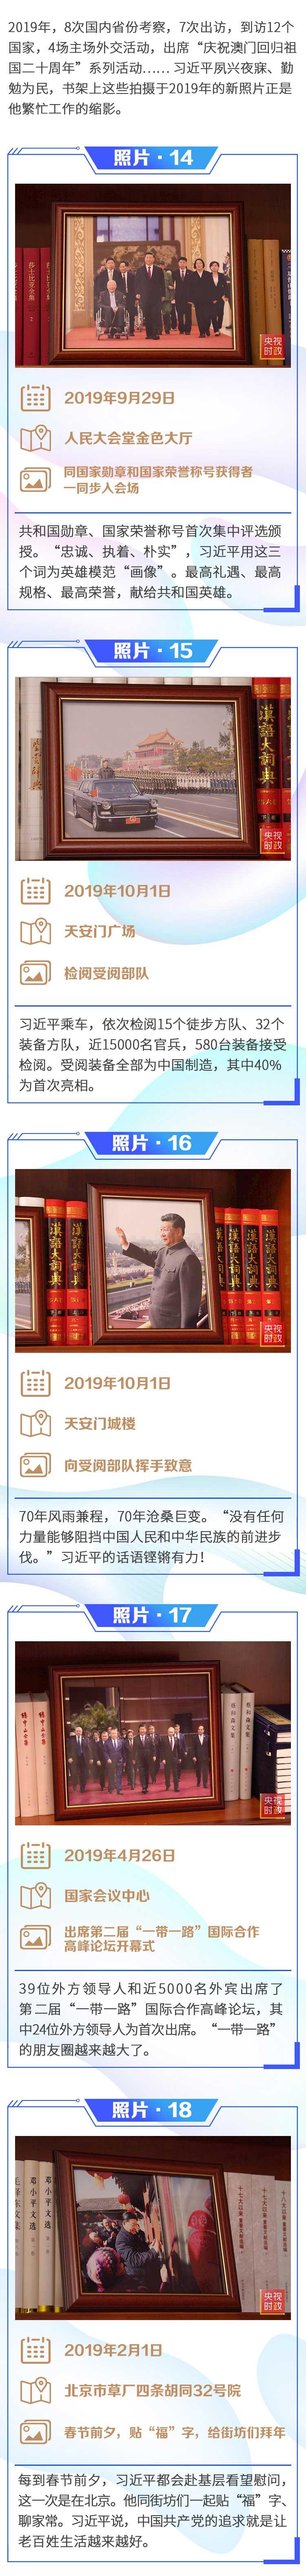 习主席书架上这一幅幅变与不变的照片,记录着一个不平凡的2019,也见证着一个日新月异、生机勃勃、努力前行的中国。